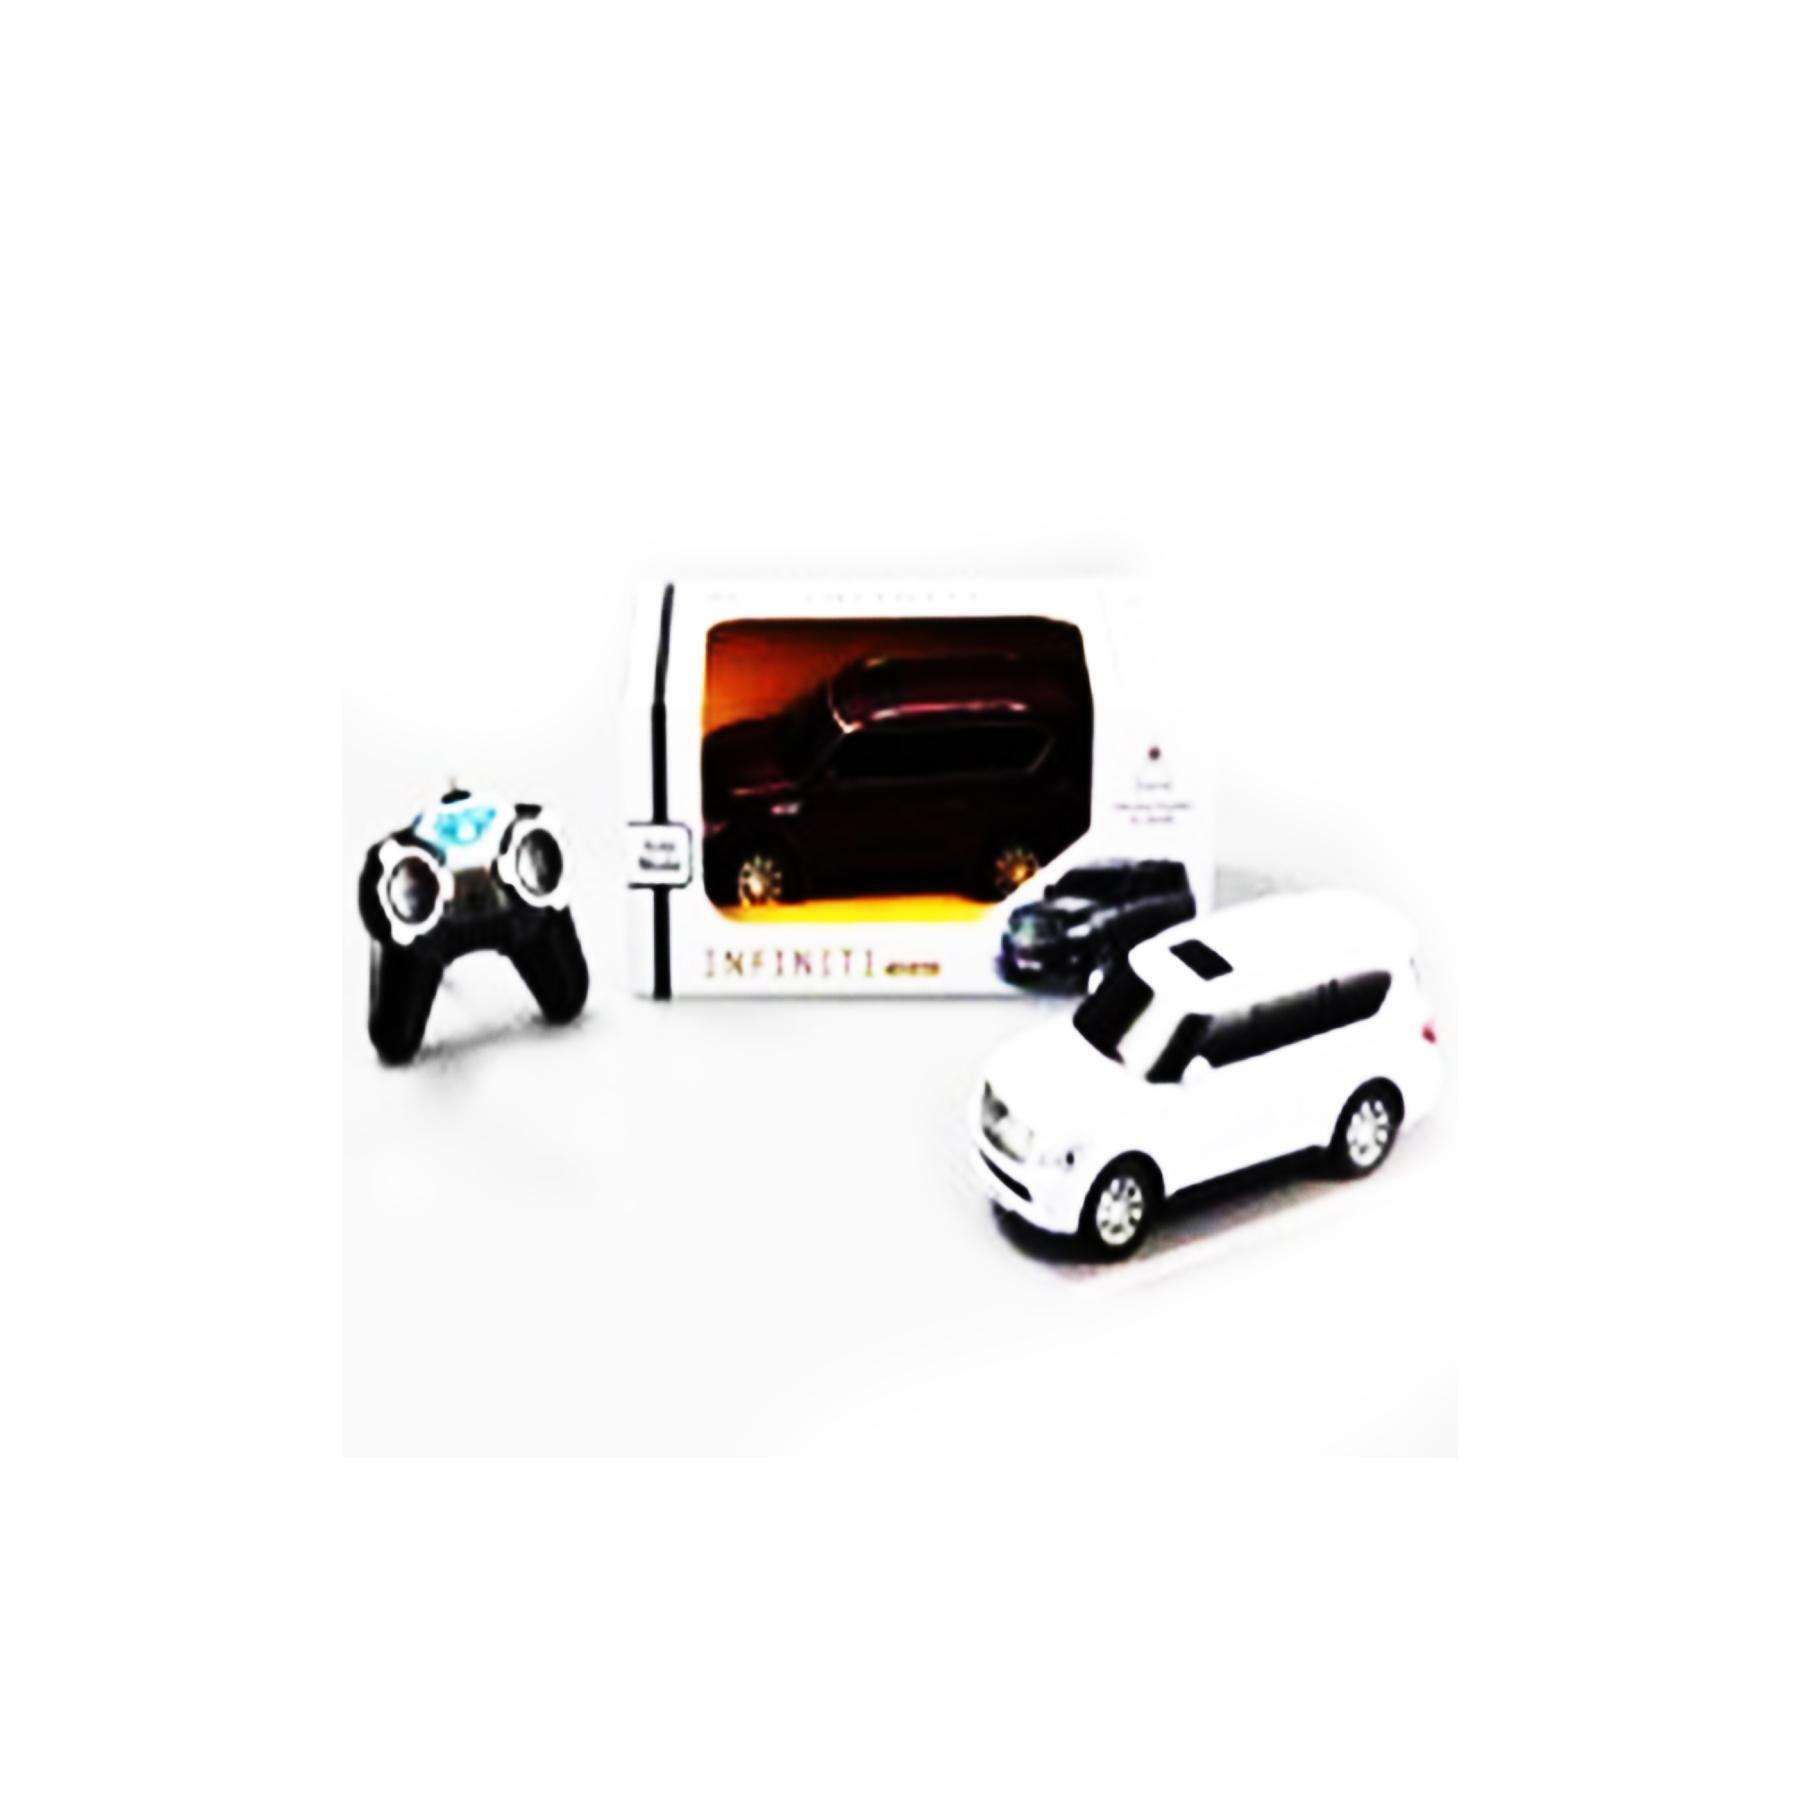 Автомобиль пластмассовый на Р/У модель Infinity QN56  300408 (376027)